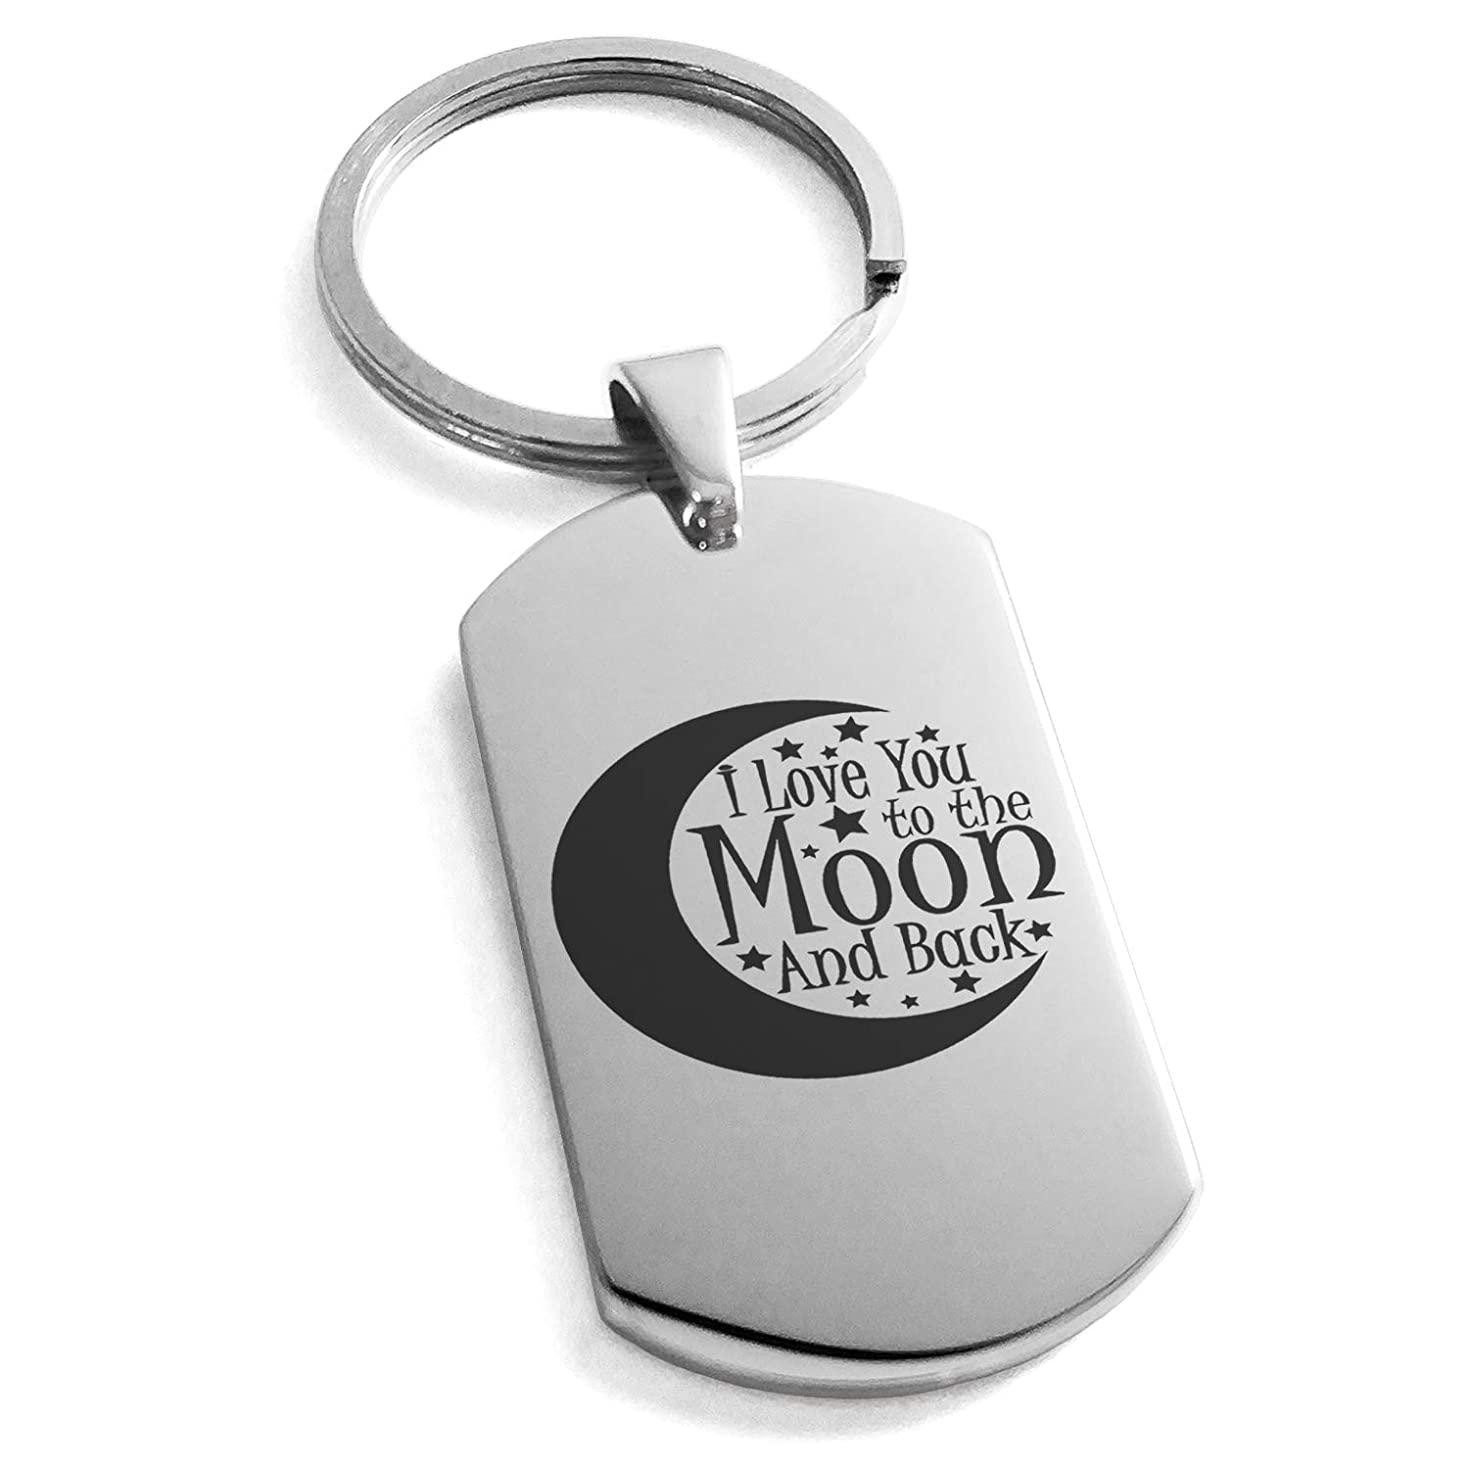 探検心理学ハンサムTioneer ステンレススチール 三日月 I Love You to The Moon Back 刻印 ドッグタグ キーホルダー キーリング